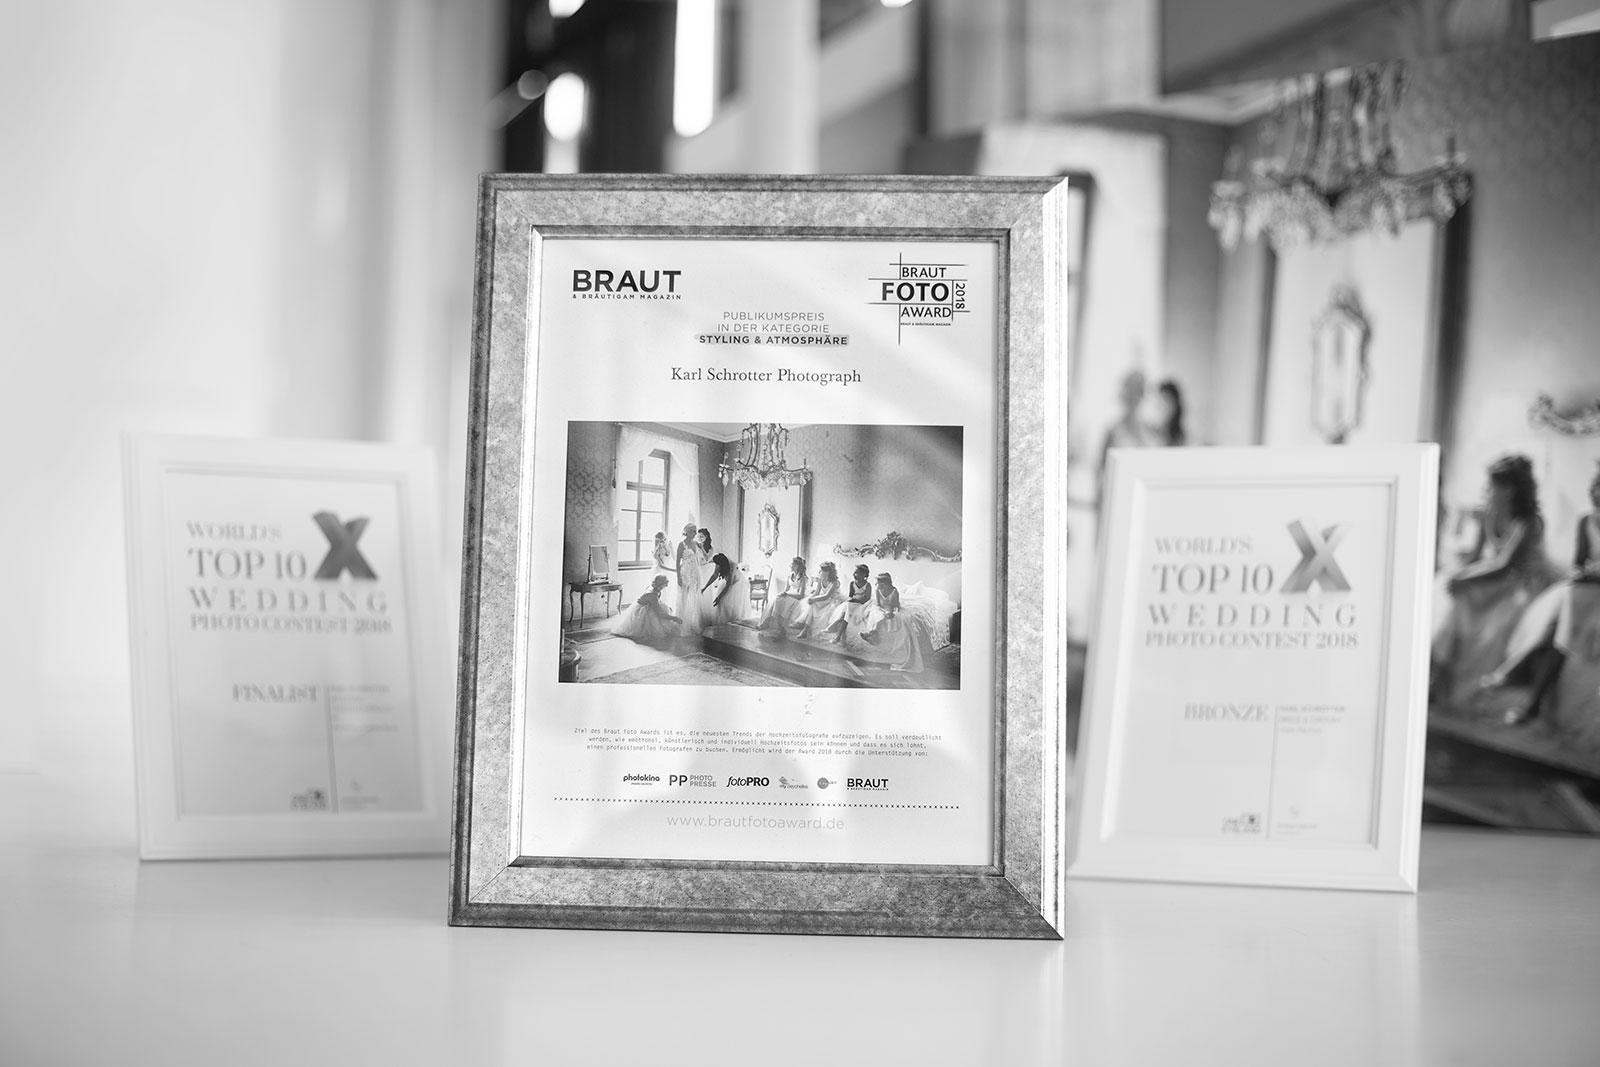 Braut Foto Award